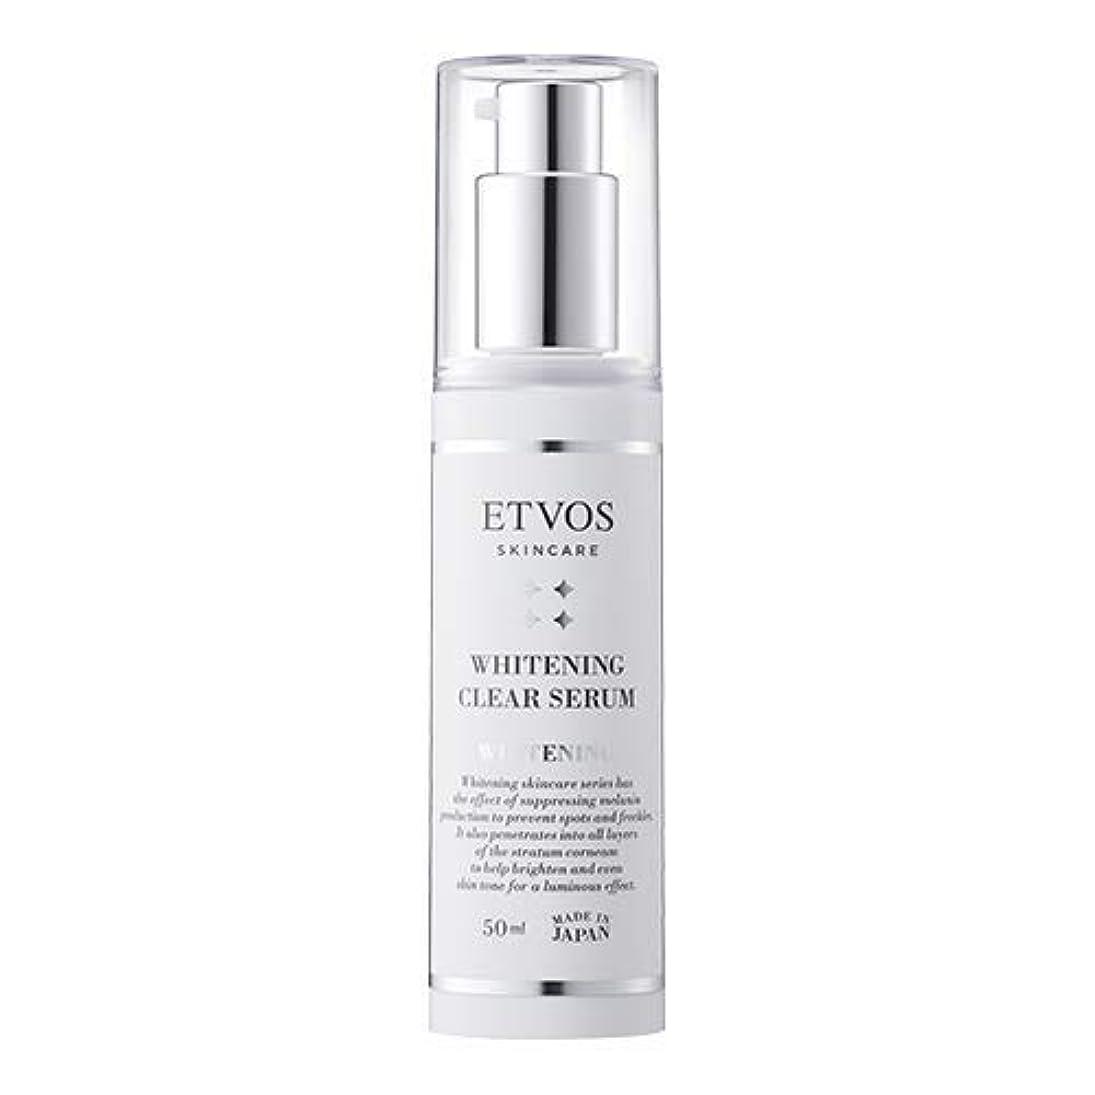 鏡支店タウポ湖ETVOS(エトヴォス) 美白美容液 薬用ホワイトニングクリアセラム 50ml [医薬部外品] 敏感肌 トラネキサム酸